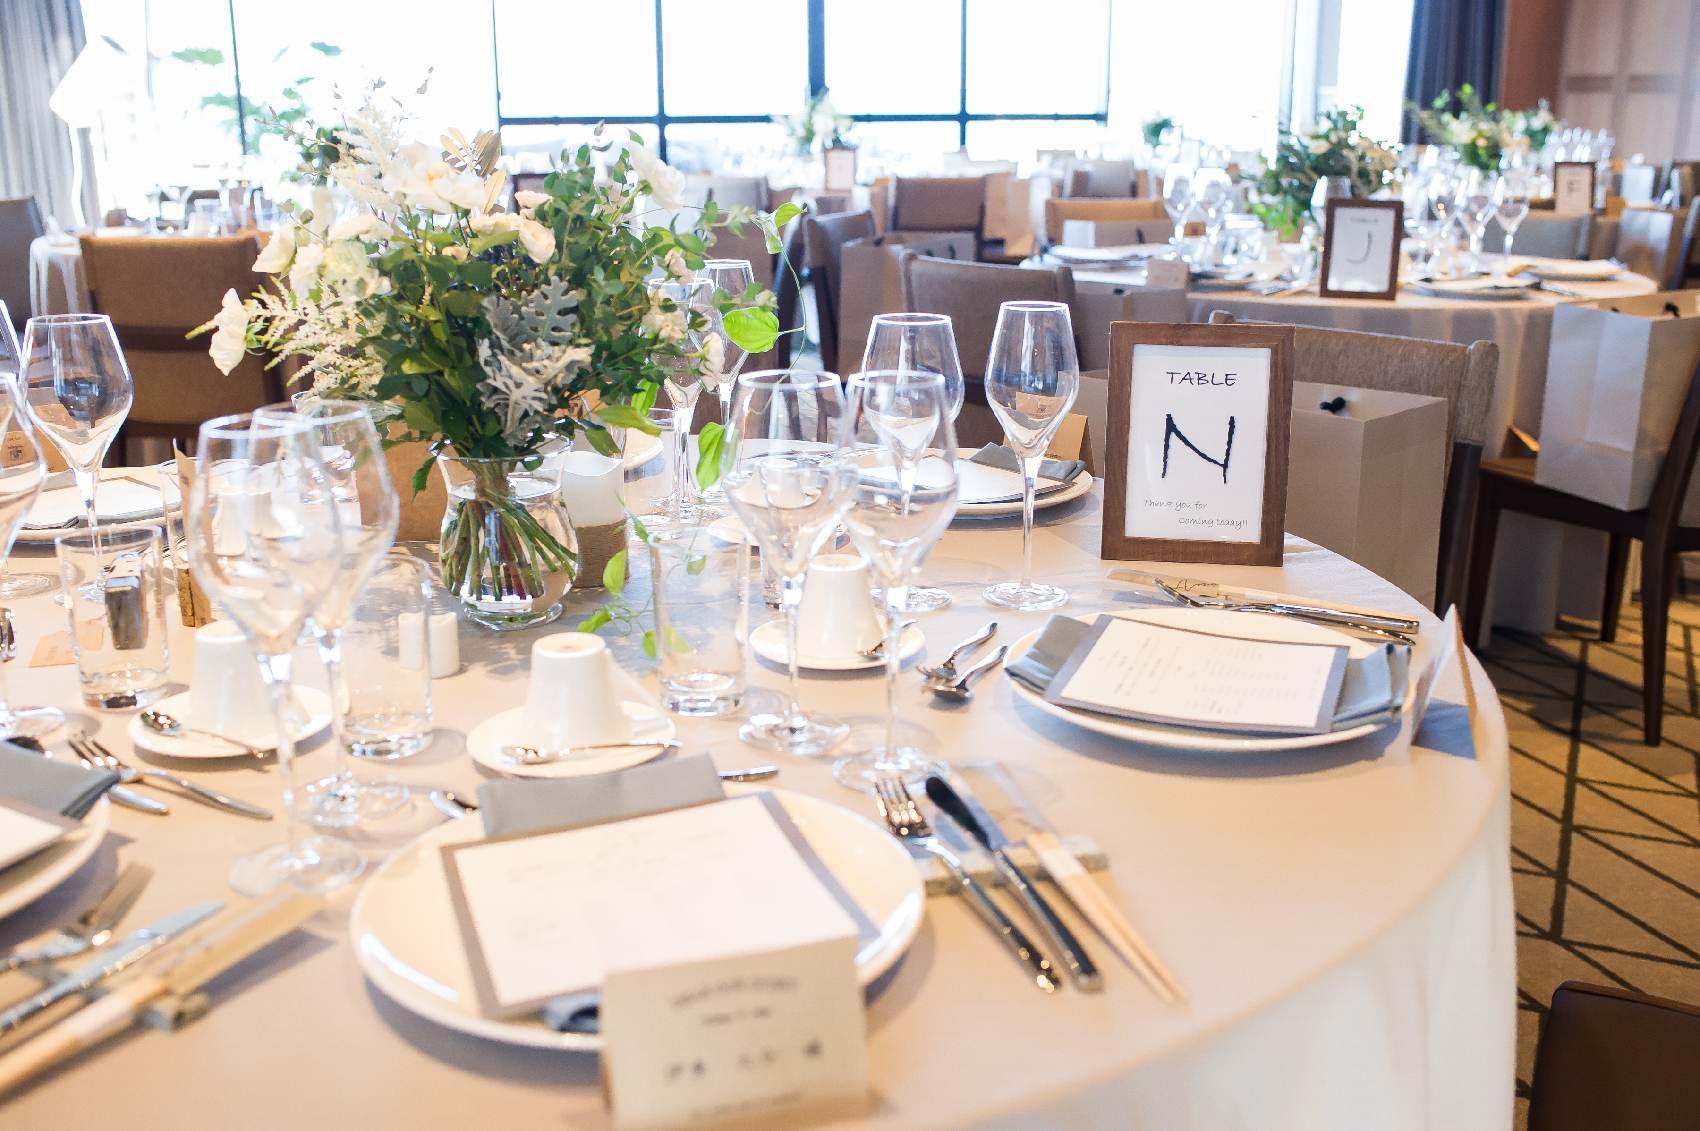 香川県高松市の結婚式場アナザースタイルの披露宴会場のテーブルコーディネート